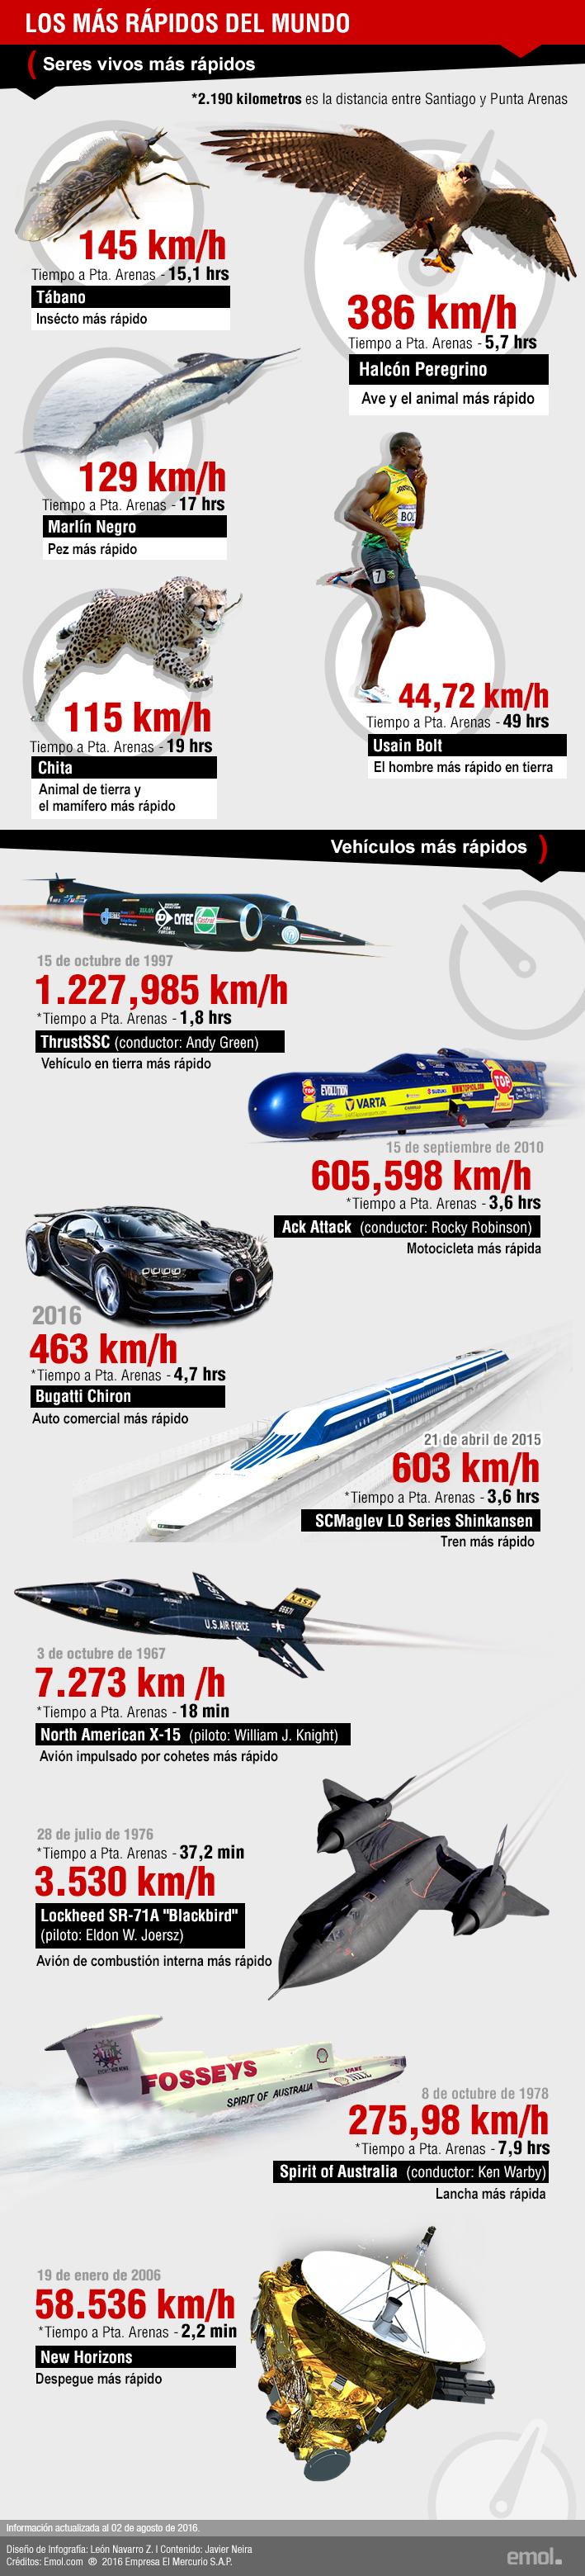 Seres vivos vs vehículos: los más rápidos del Mundo